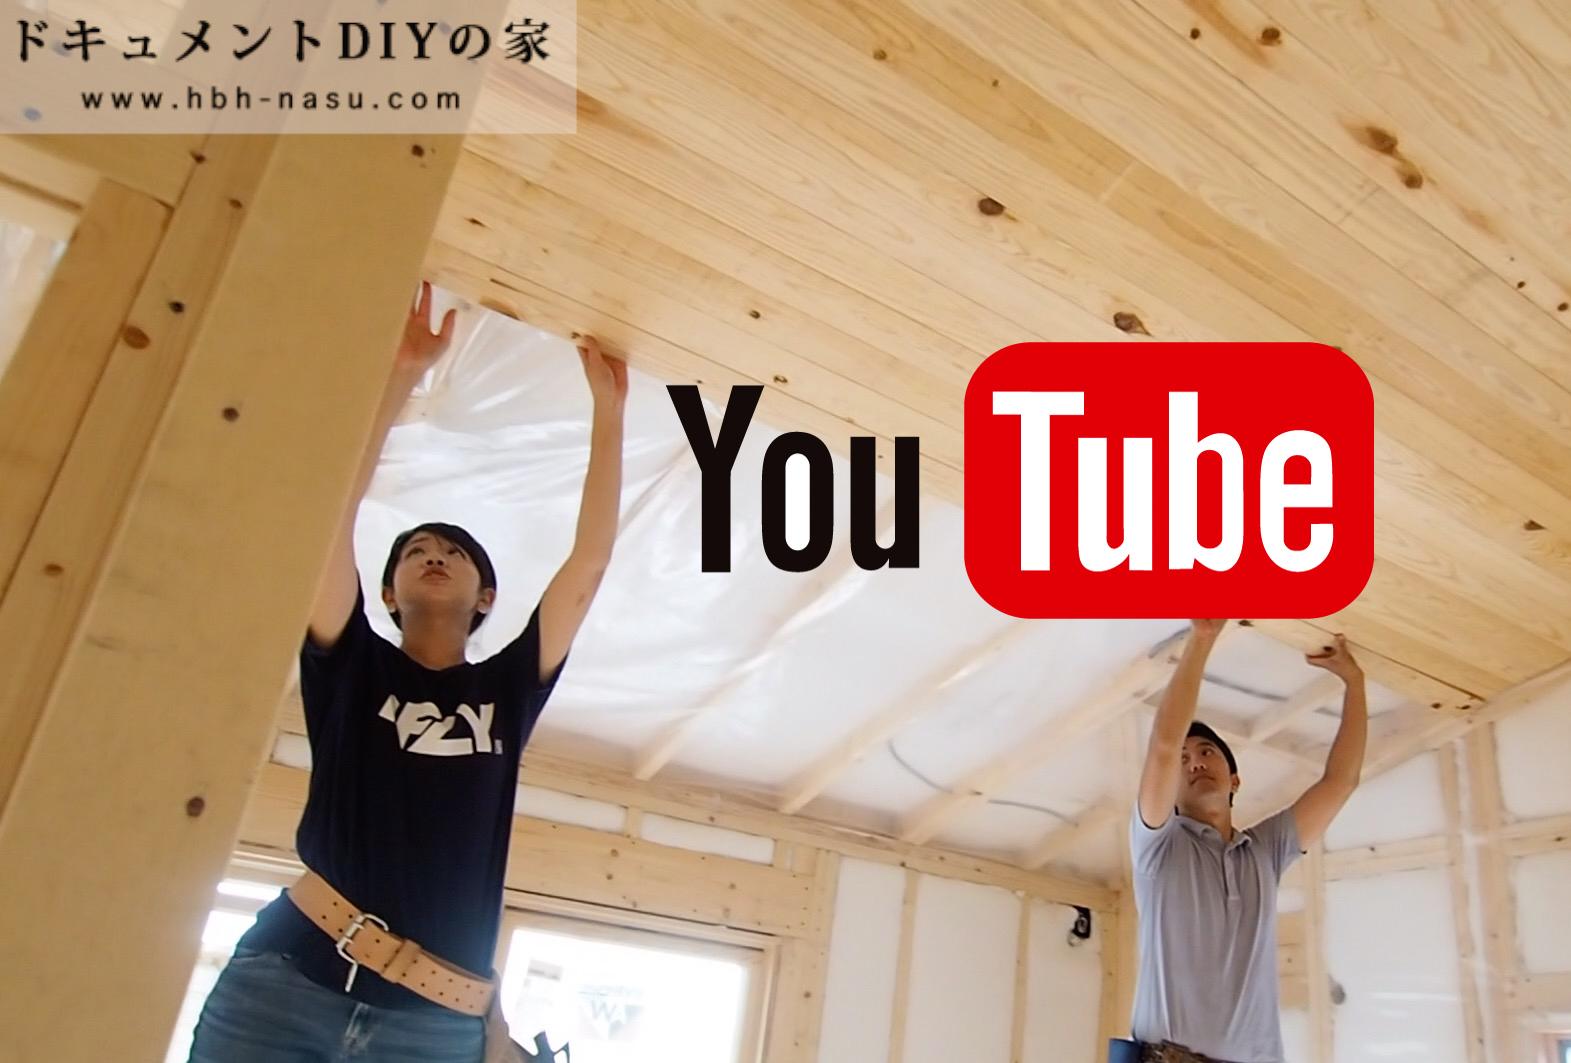 天井貼りレクチャー動画